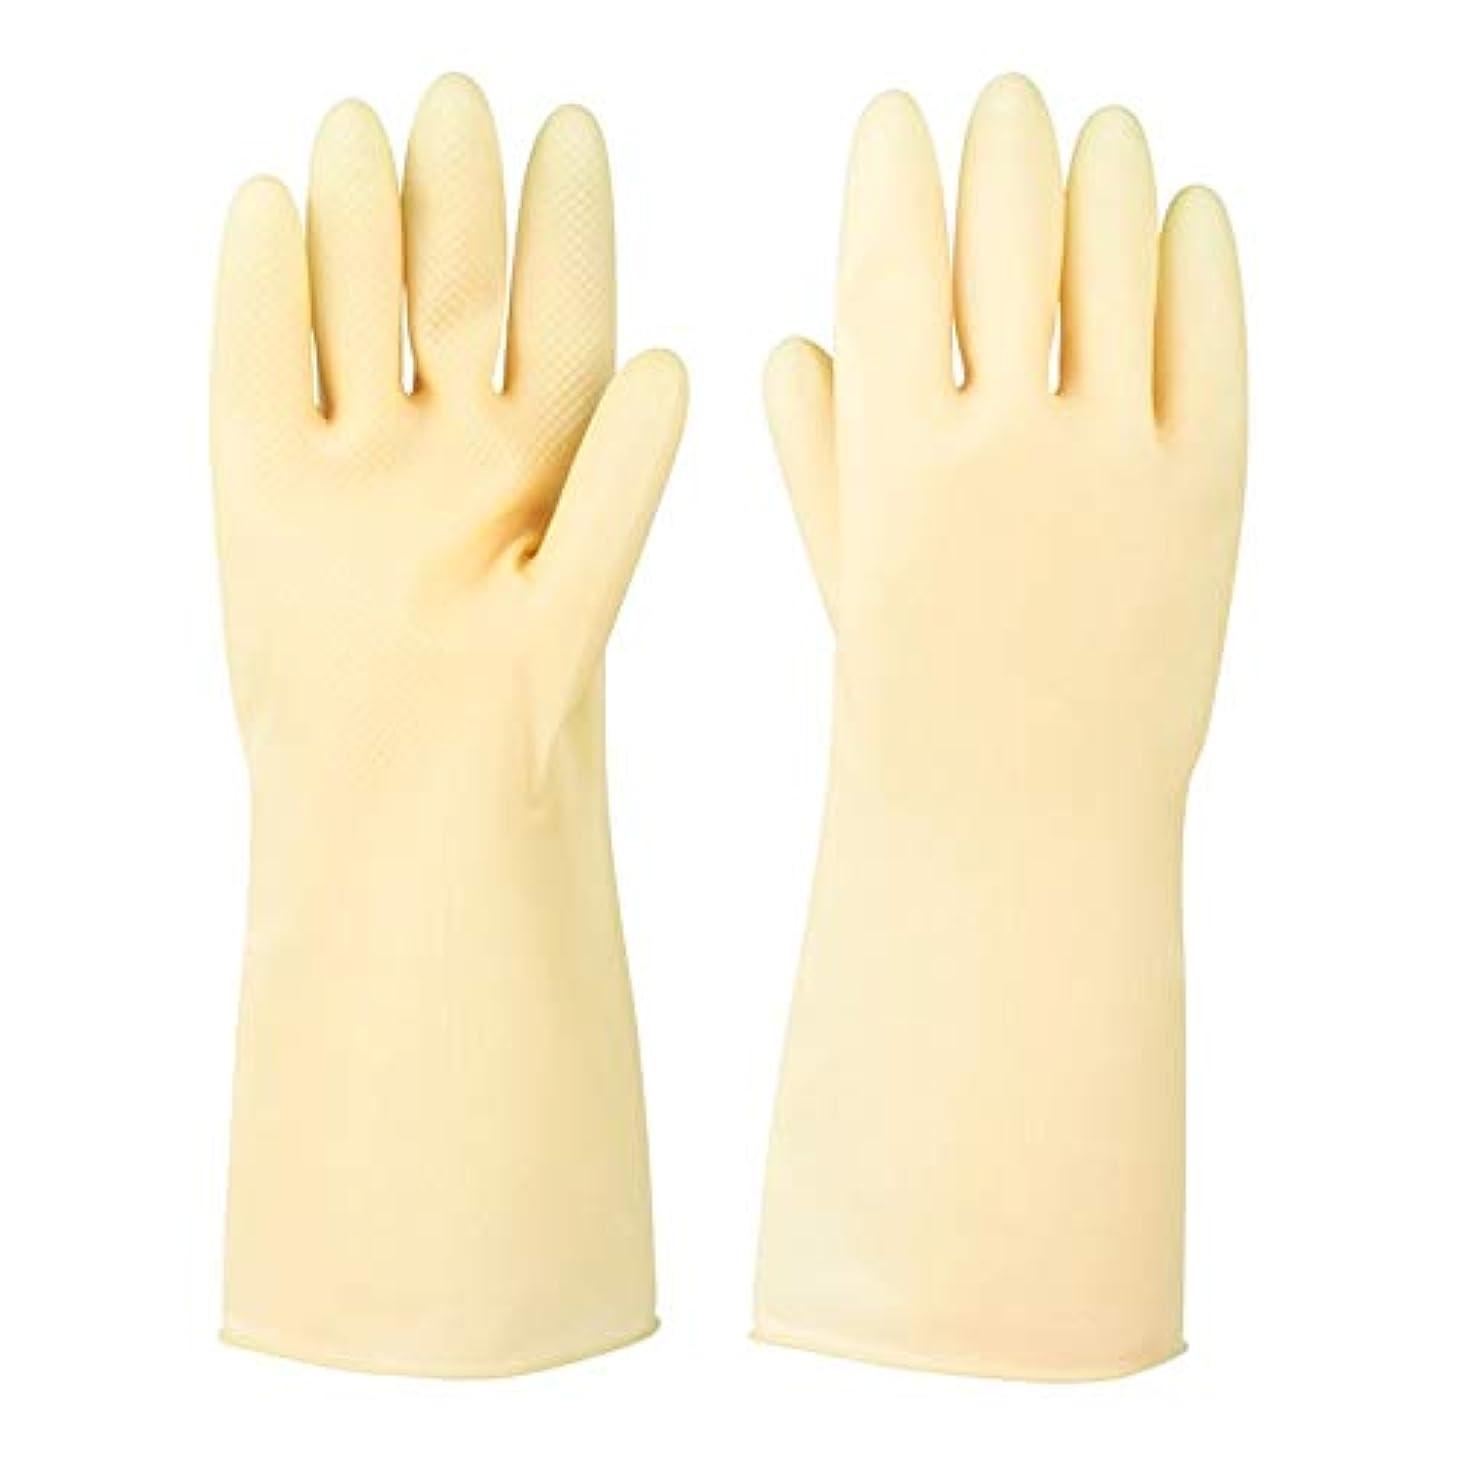 ニトリルゴム手袋 ラバーレザーグローブ厚めの滑り止め耐摩耗性防水保護手袋、5ペア 使い捨て手袋 (Color : 5 pair, Size : S)